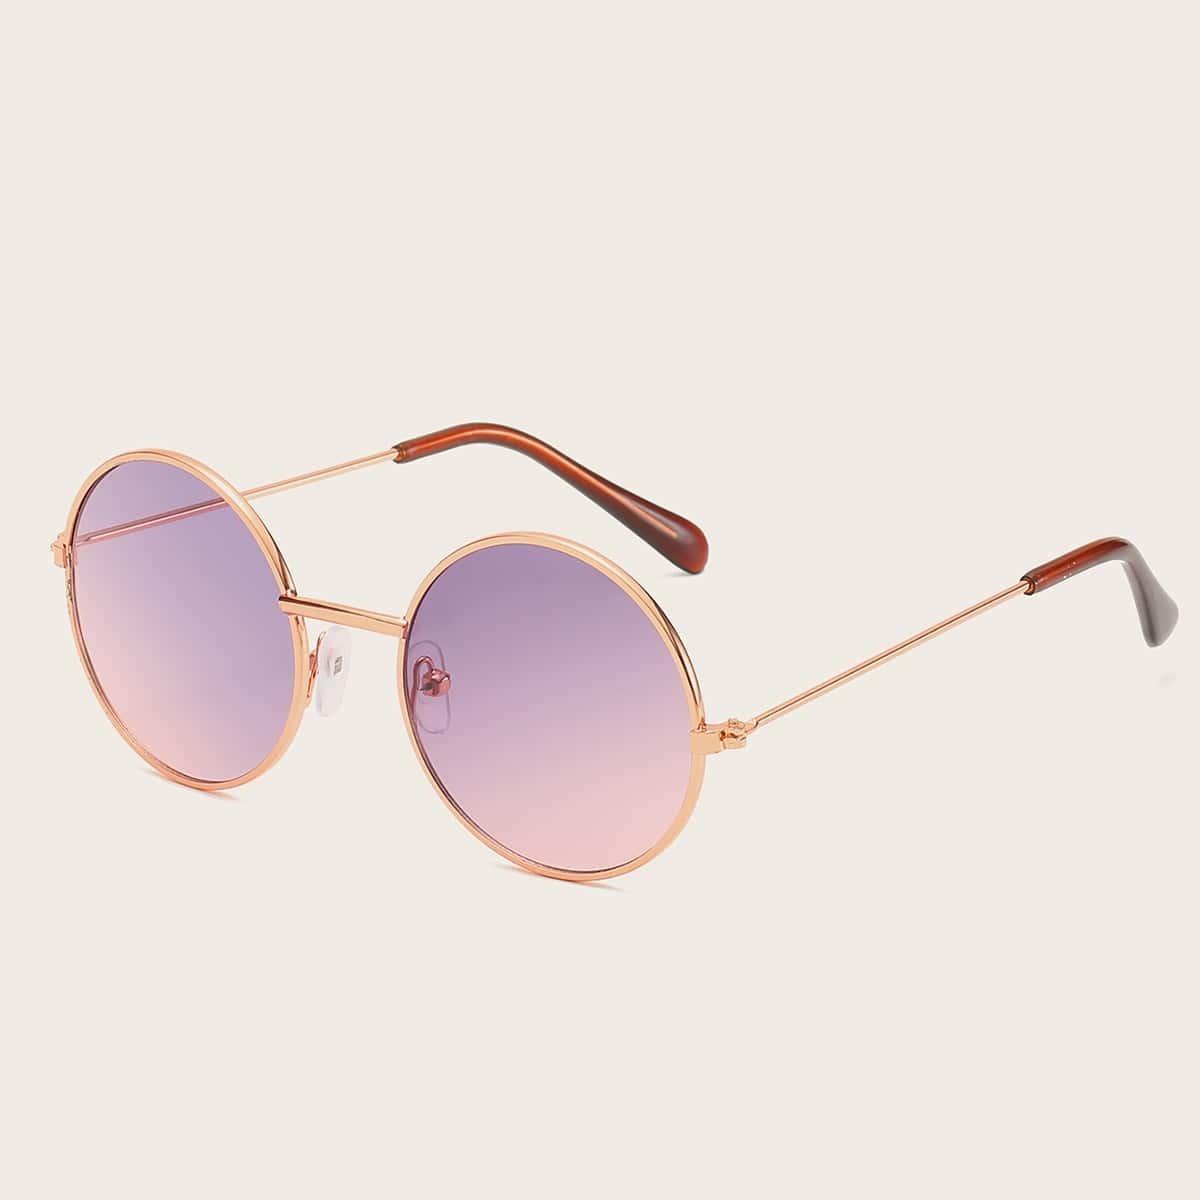 Солнечные очки с круглой металлической рамкой для маленьких девочек